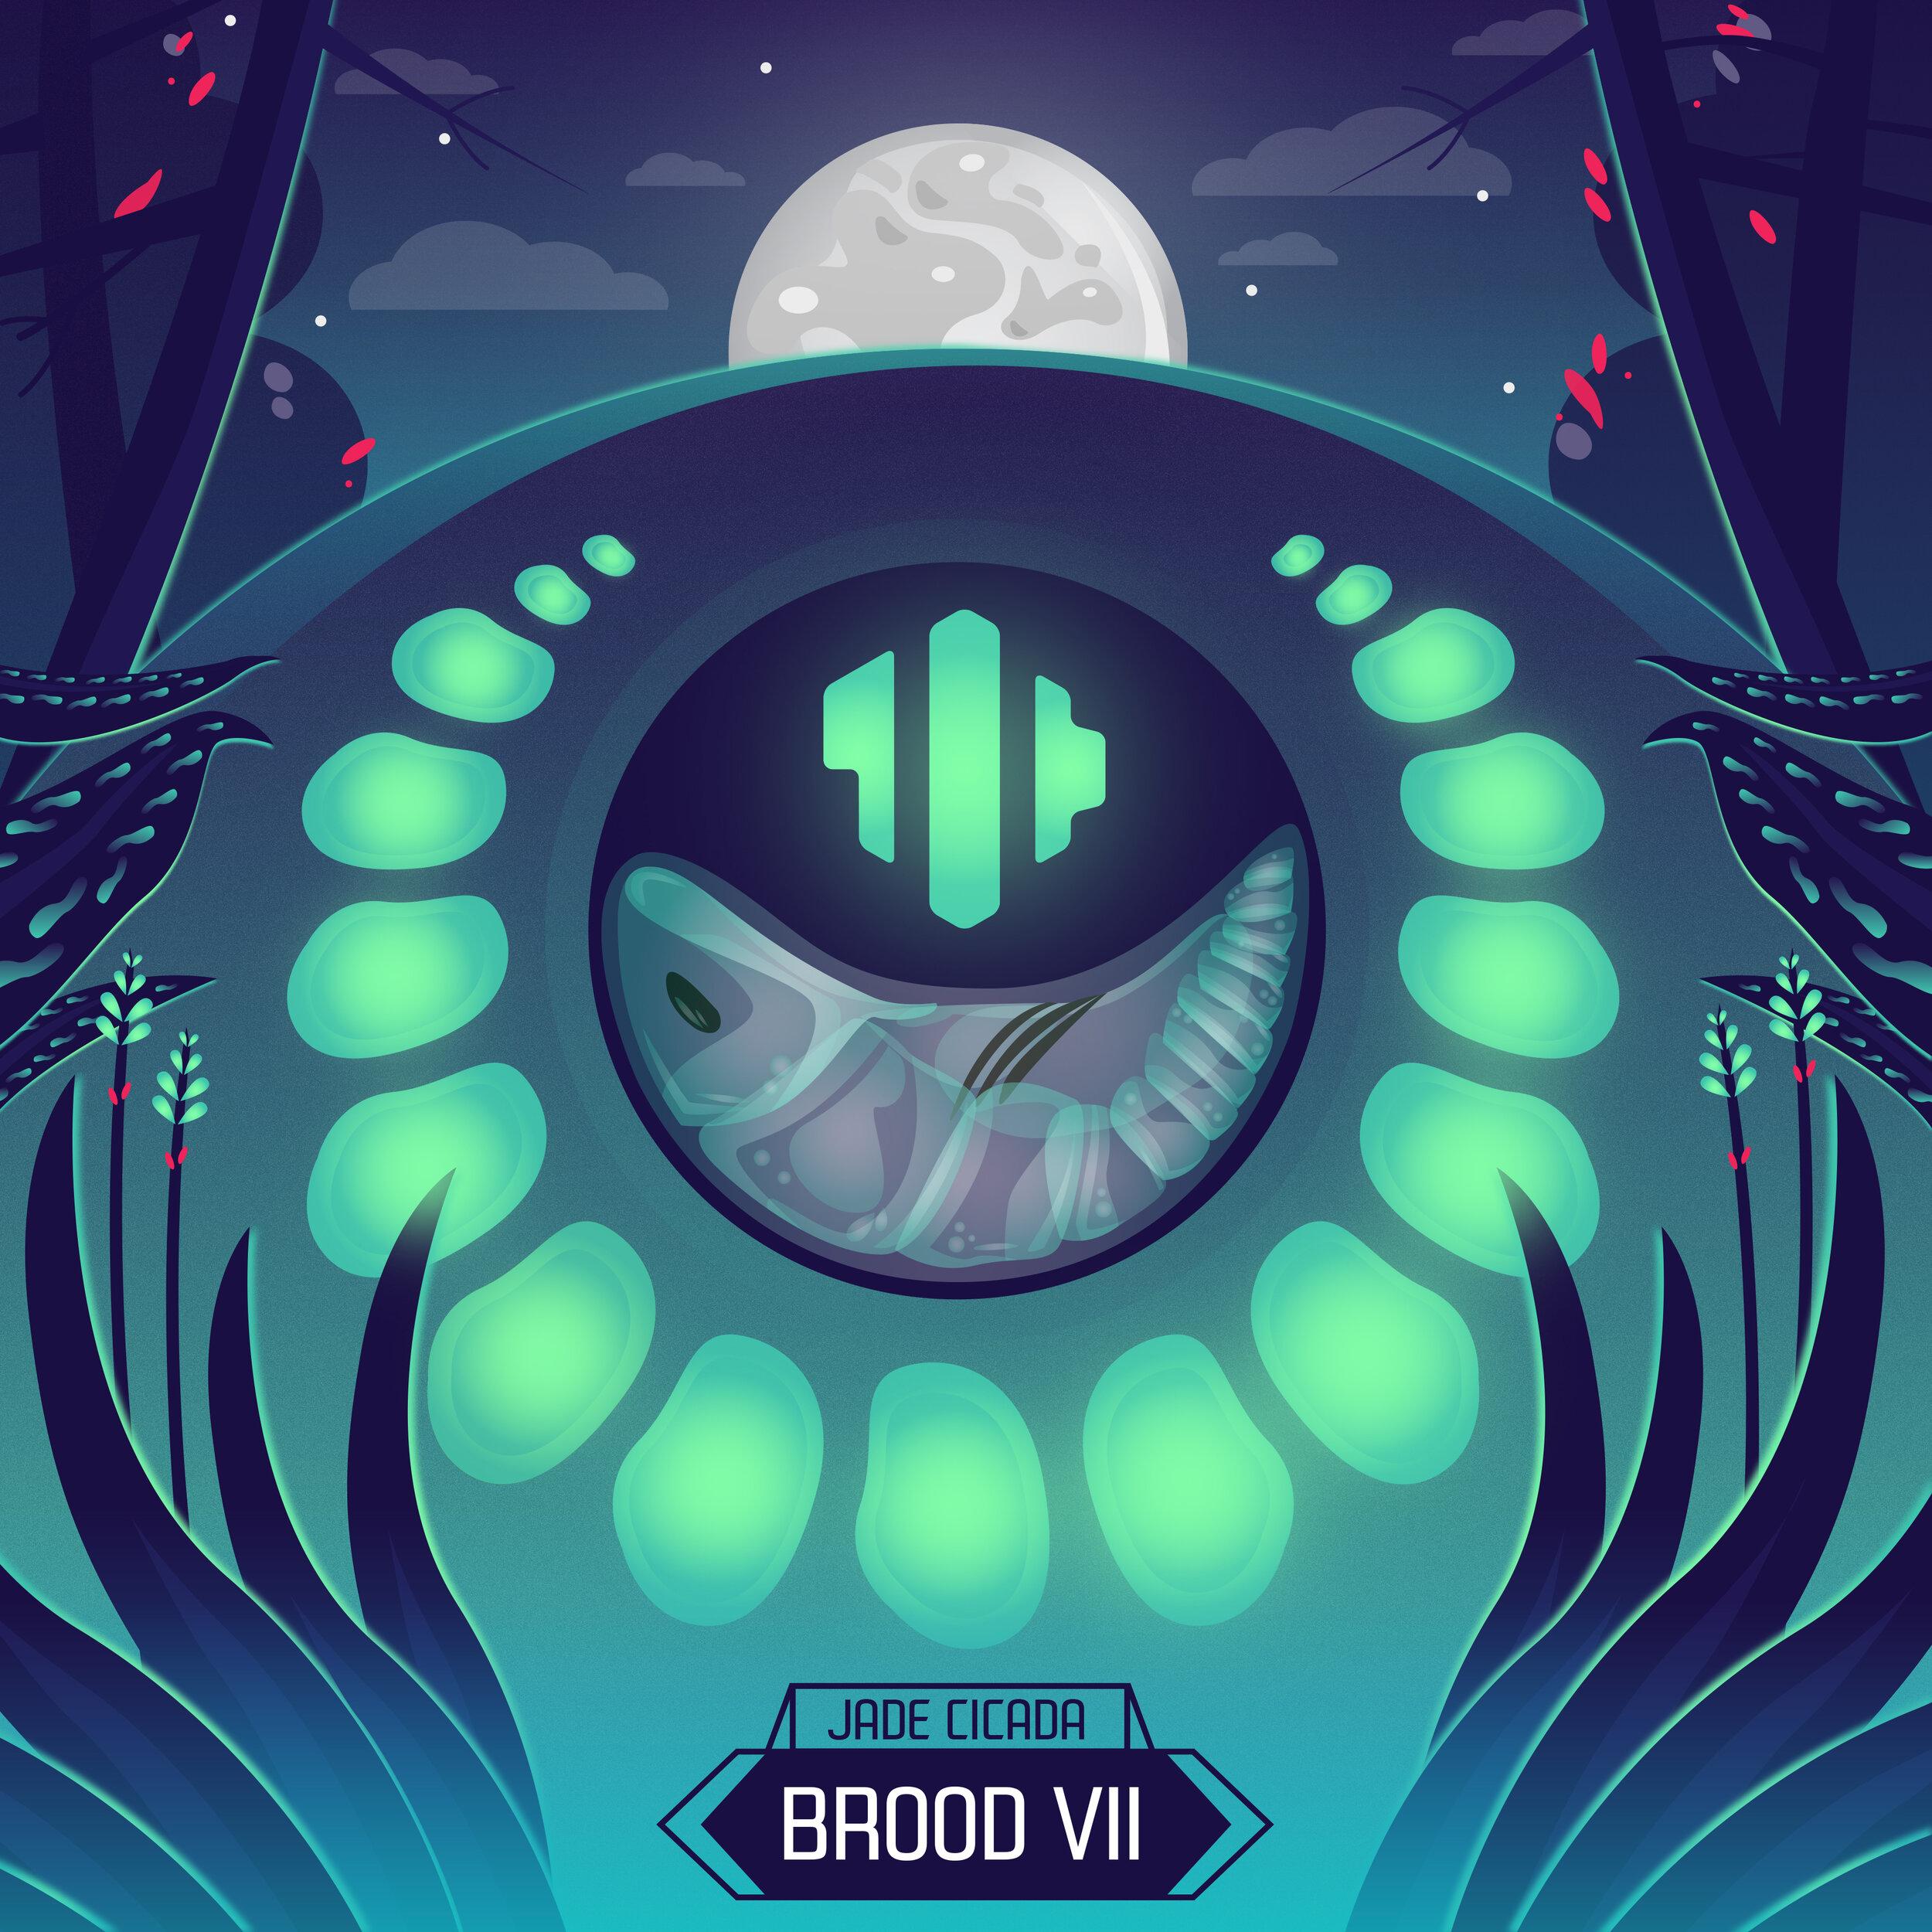 Brood_VII.jpg